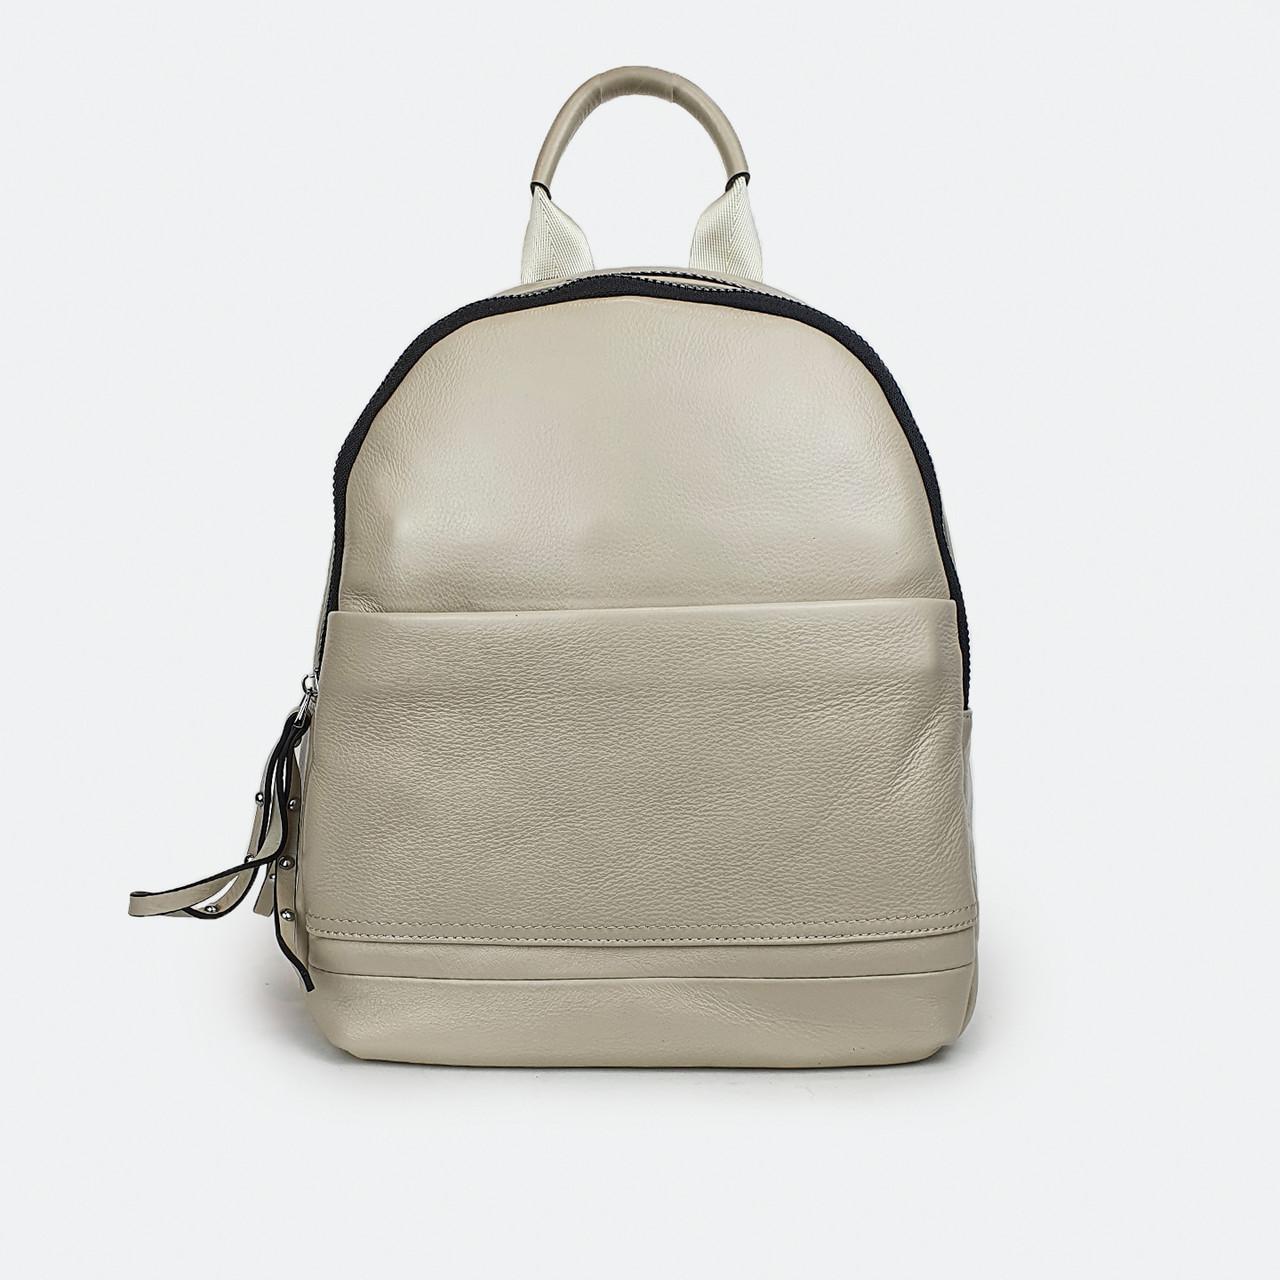 Кожаный женский рюкзак городской бежевый 6610 средний